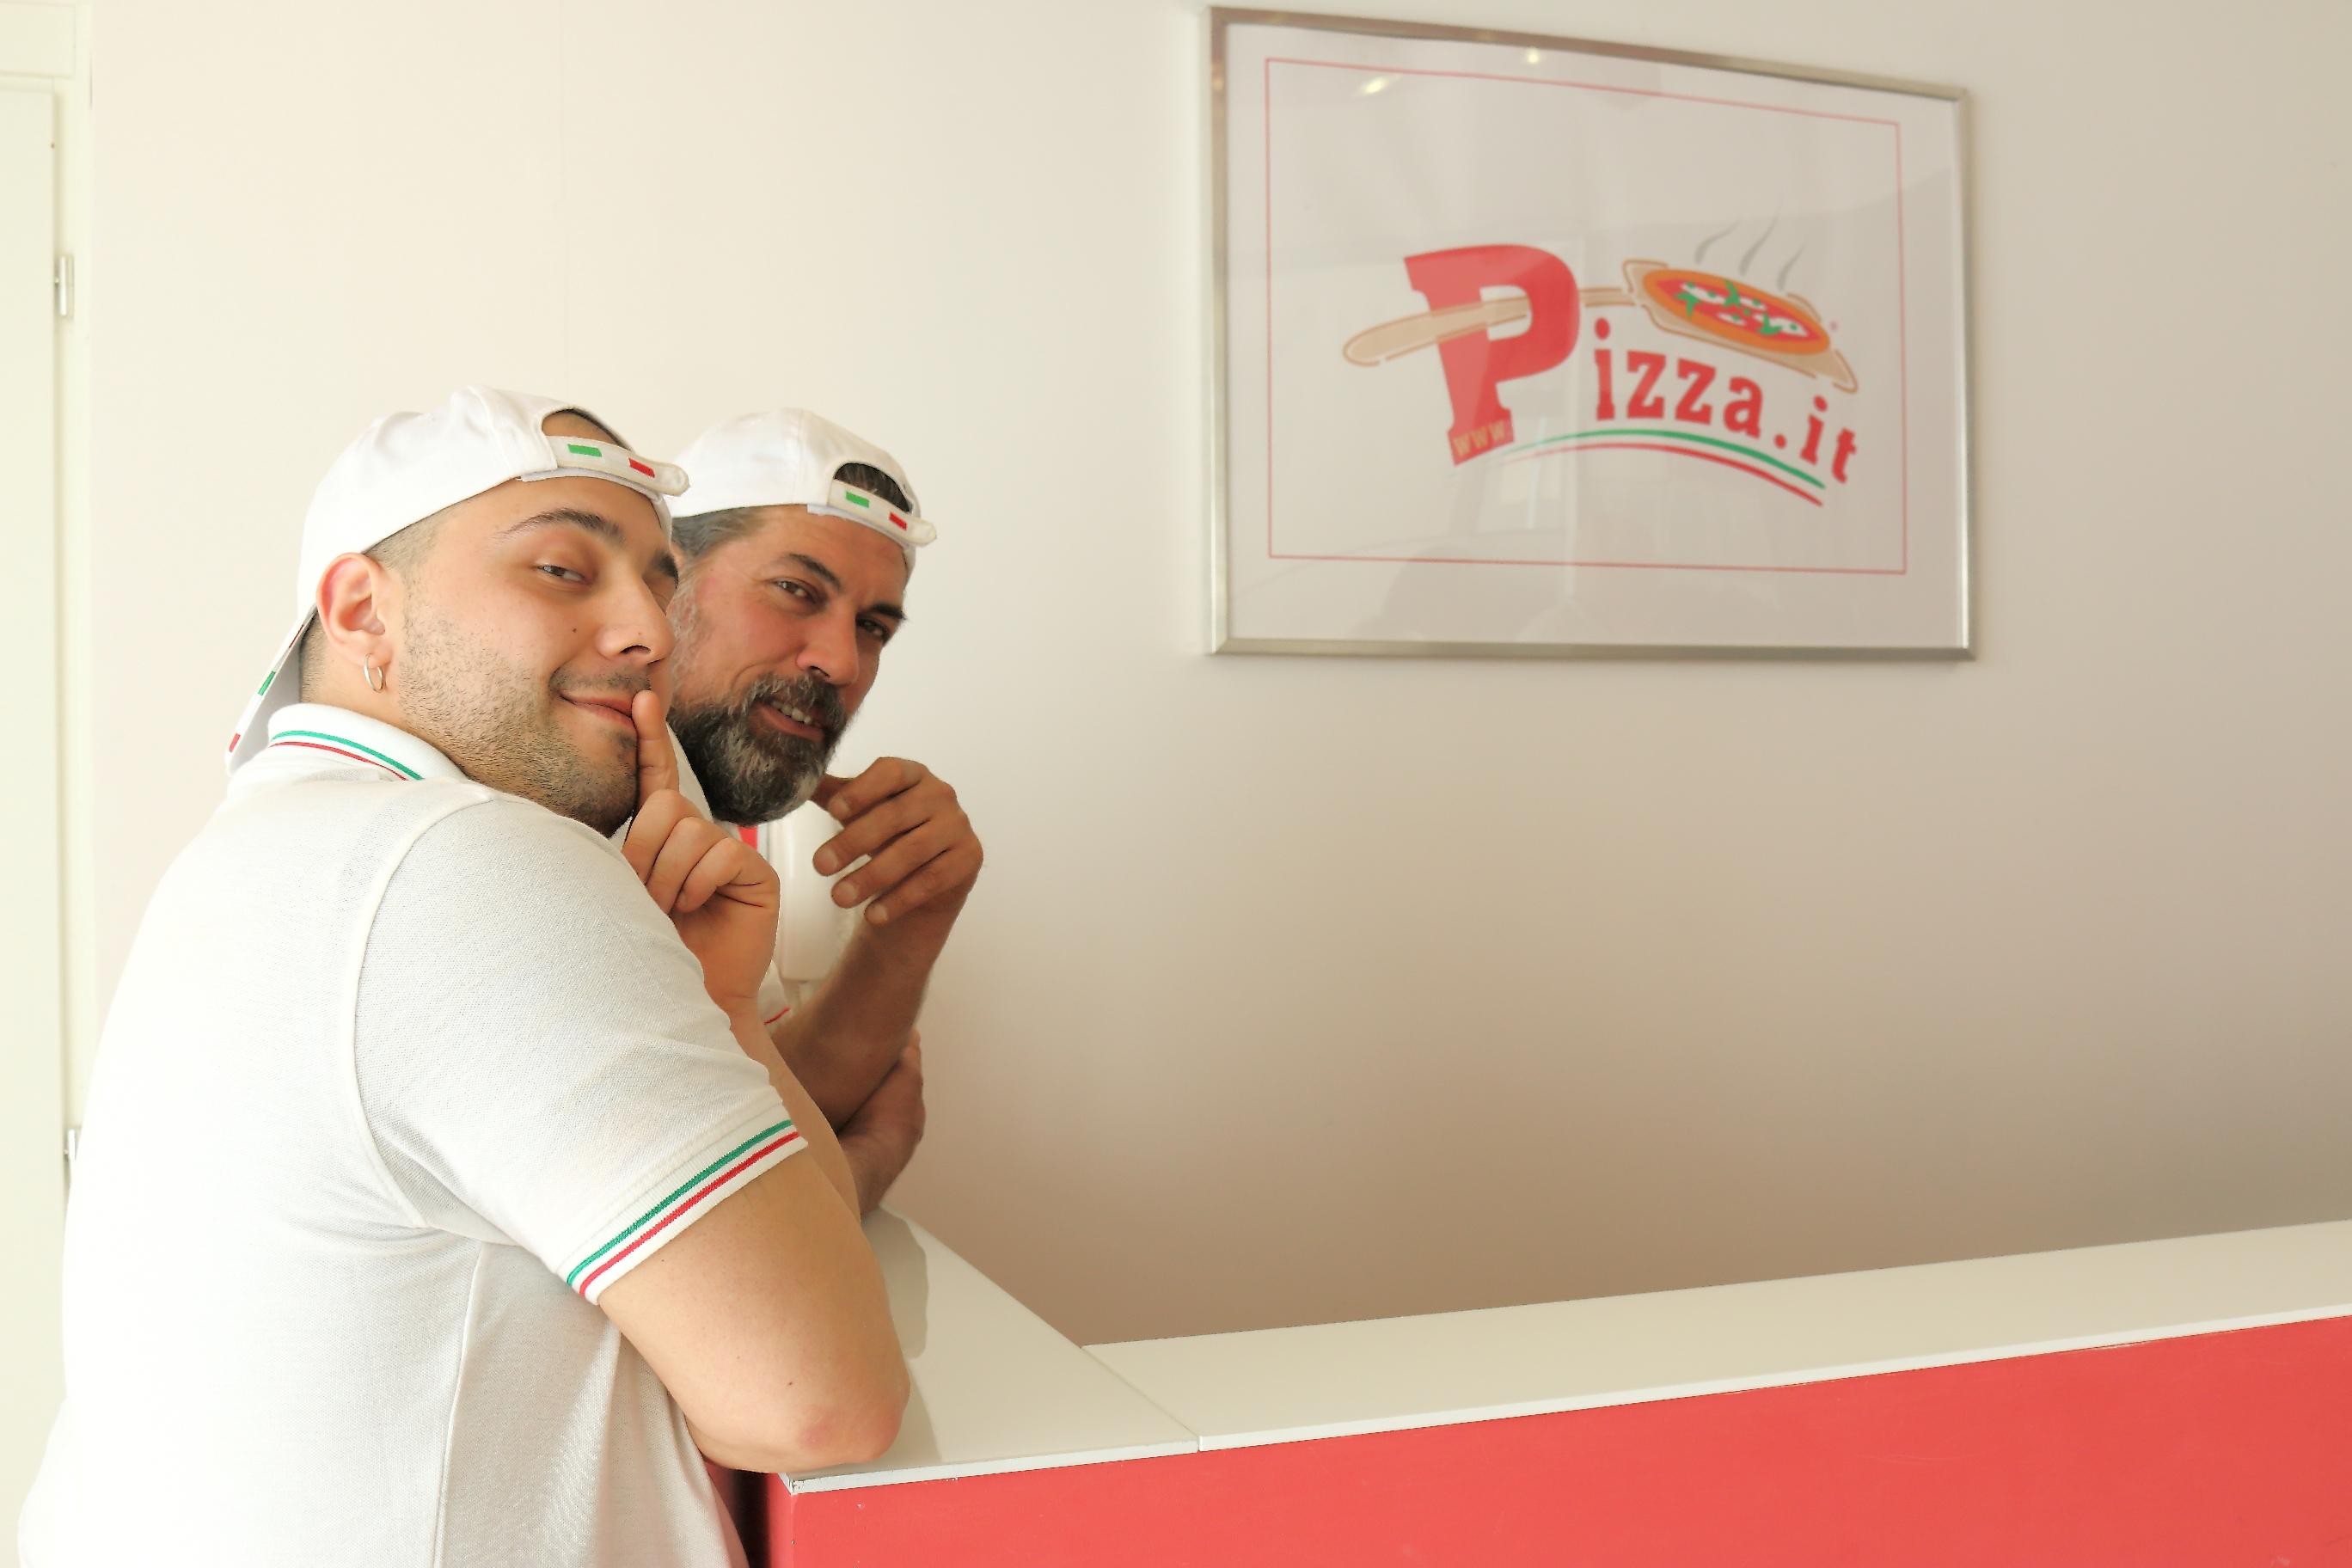 Pizza.it - Giammario Raschini e Alberto Farina